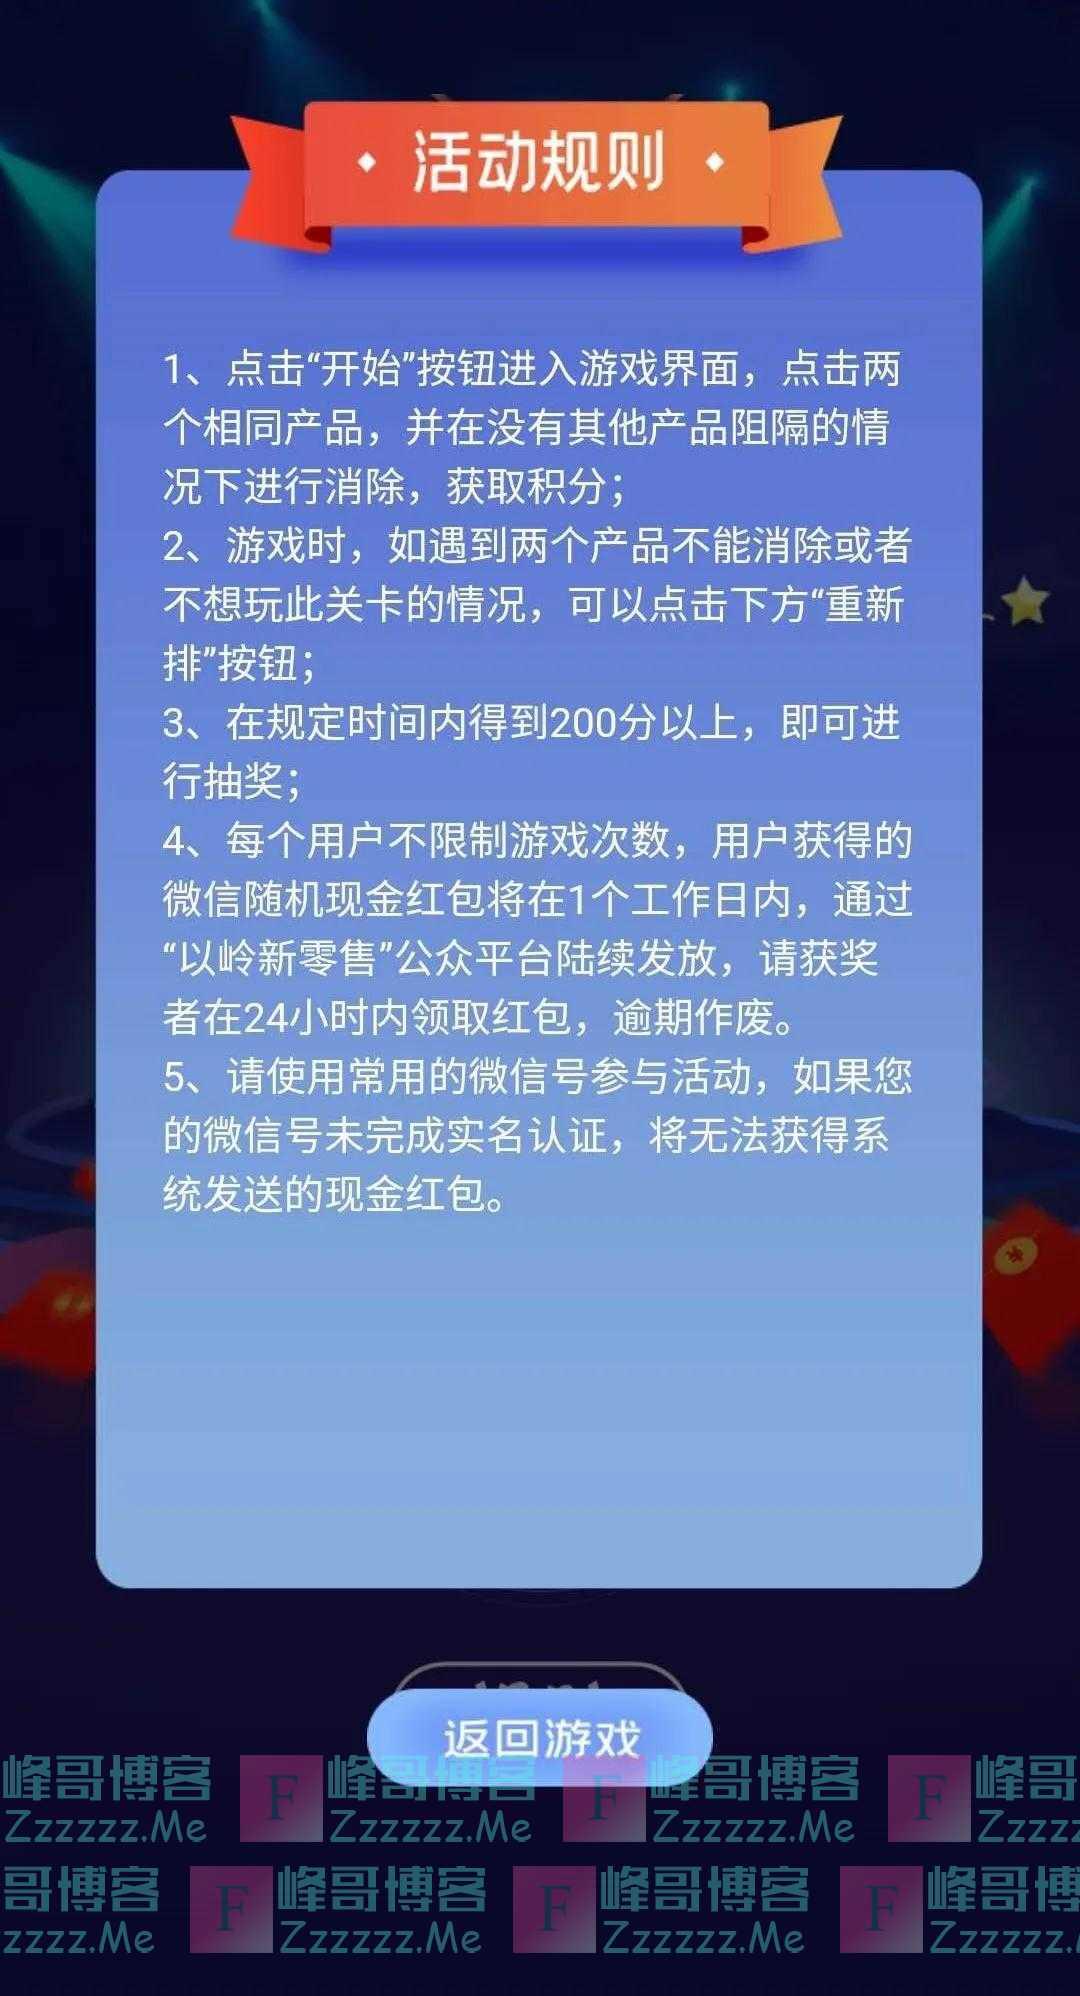 以岭新零售以岭助健康 红包送不停(截止5月10日)